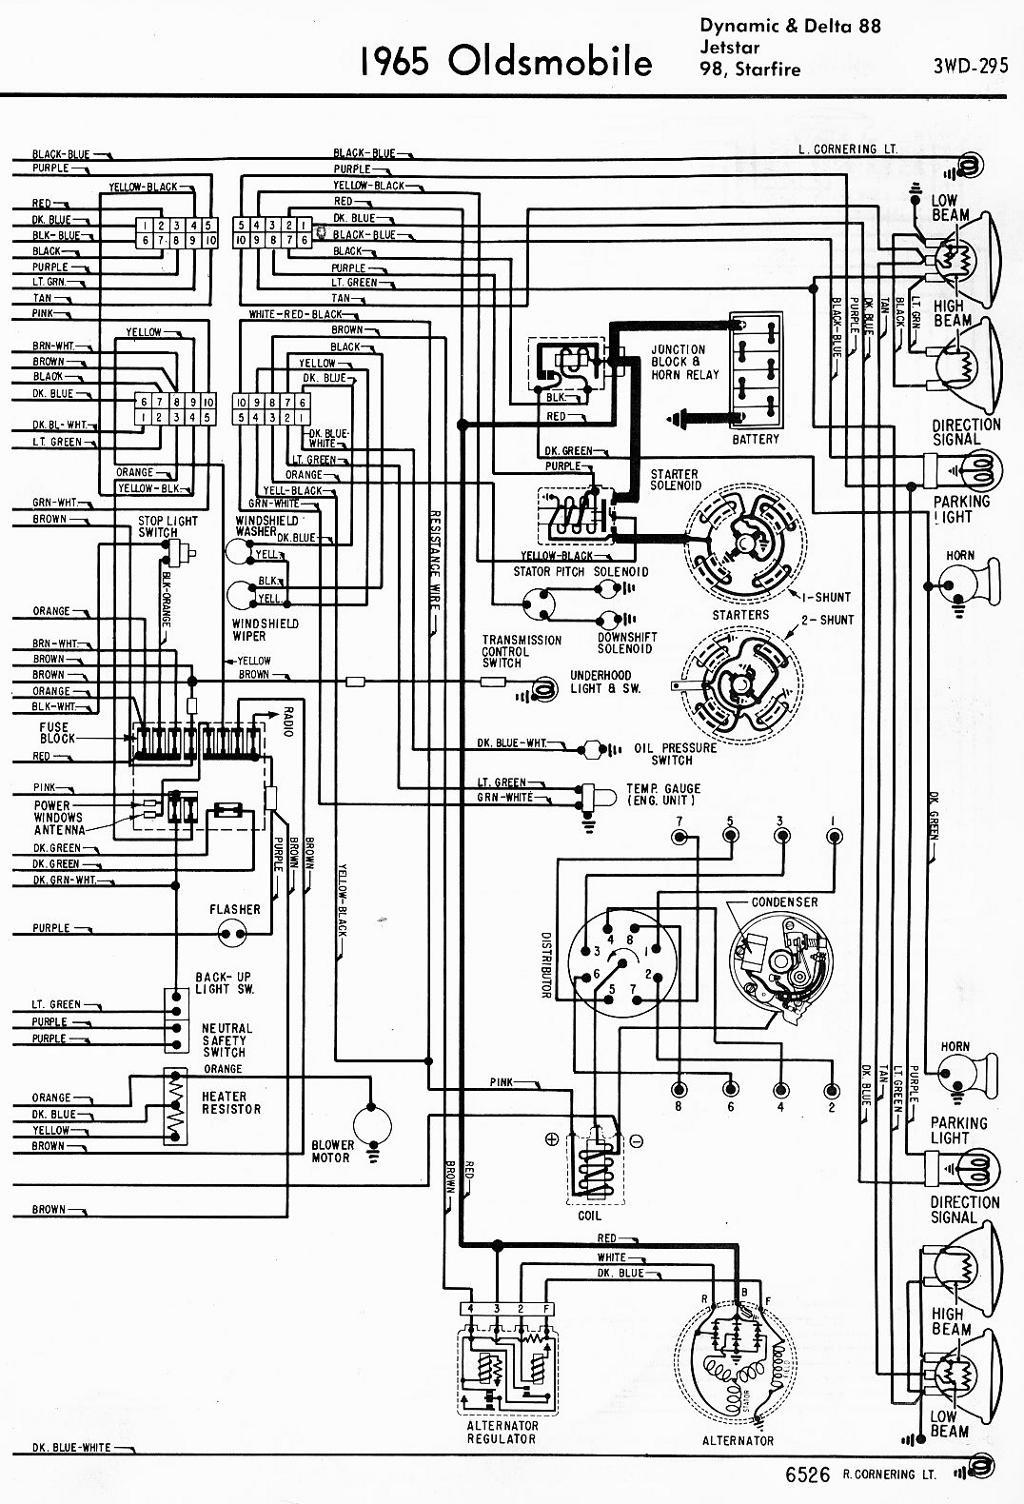 Oldsmobile Car Pdf Manual Wiring